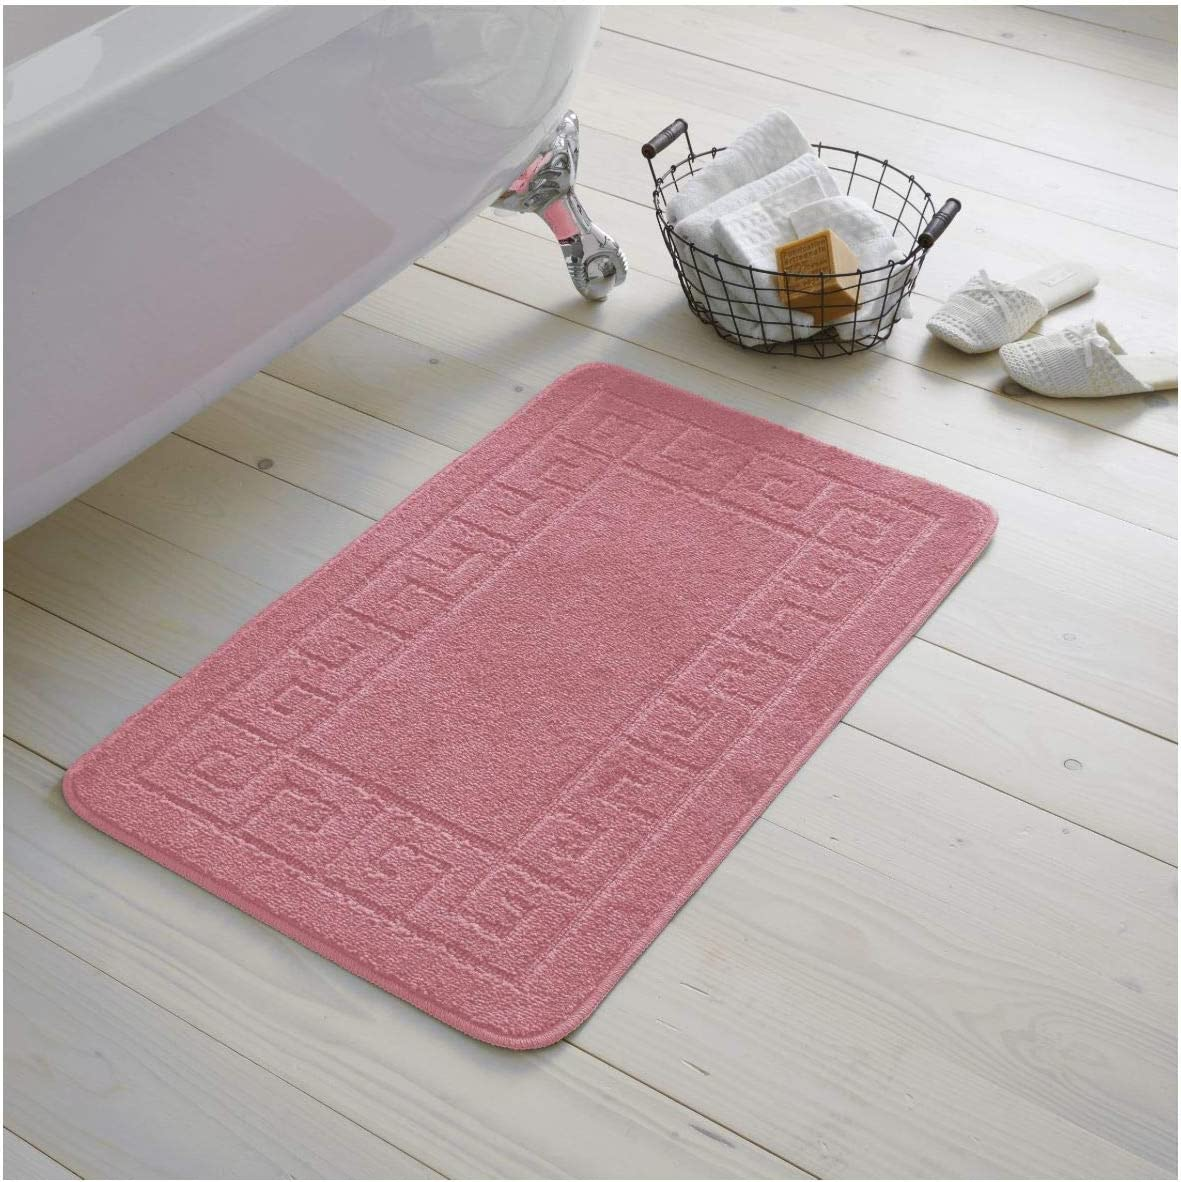 Colore Cipria Gaveno Cavailia Greek Bath Set Set di 2 tappetini da Bagno in Tessuto Felpato con piedistallo Antiscivolo 100/% Polipropilene Rosa Polvere Regular Extra Assorbente